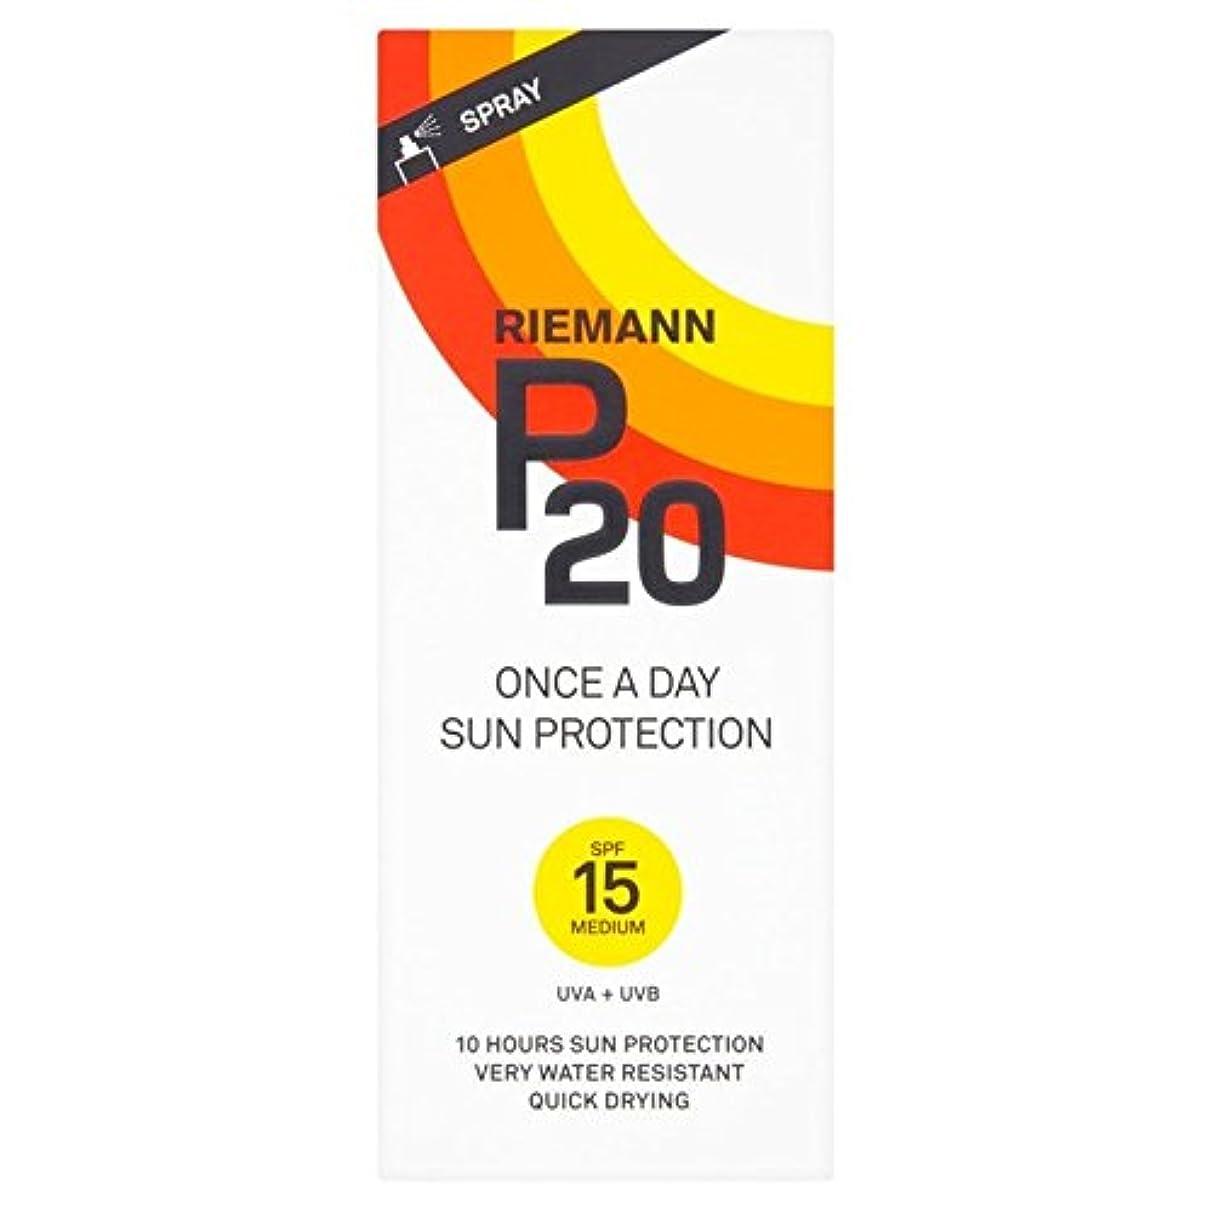 しわ保護指定するリーマン20 15 1日/ 10時間の保護200ミリリットル x4 - Riemann P20 SPF15 1 Day/10 Hour Protection 200ml (Pack of 4) [並行輸入品]